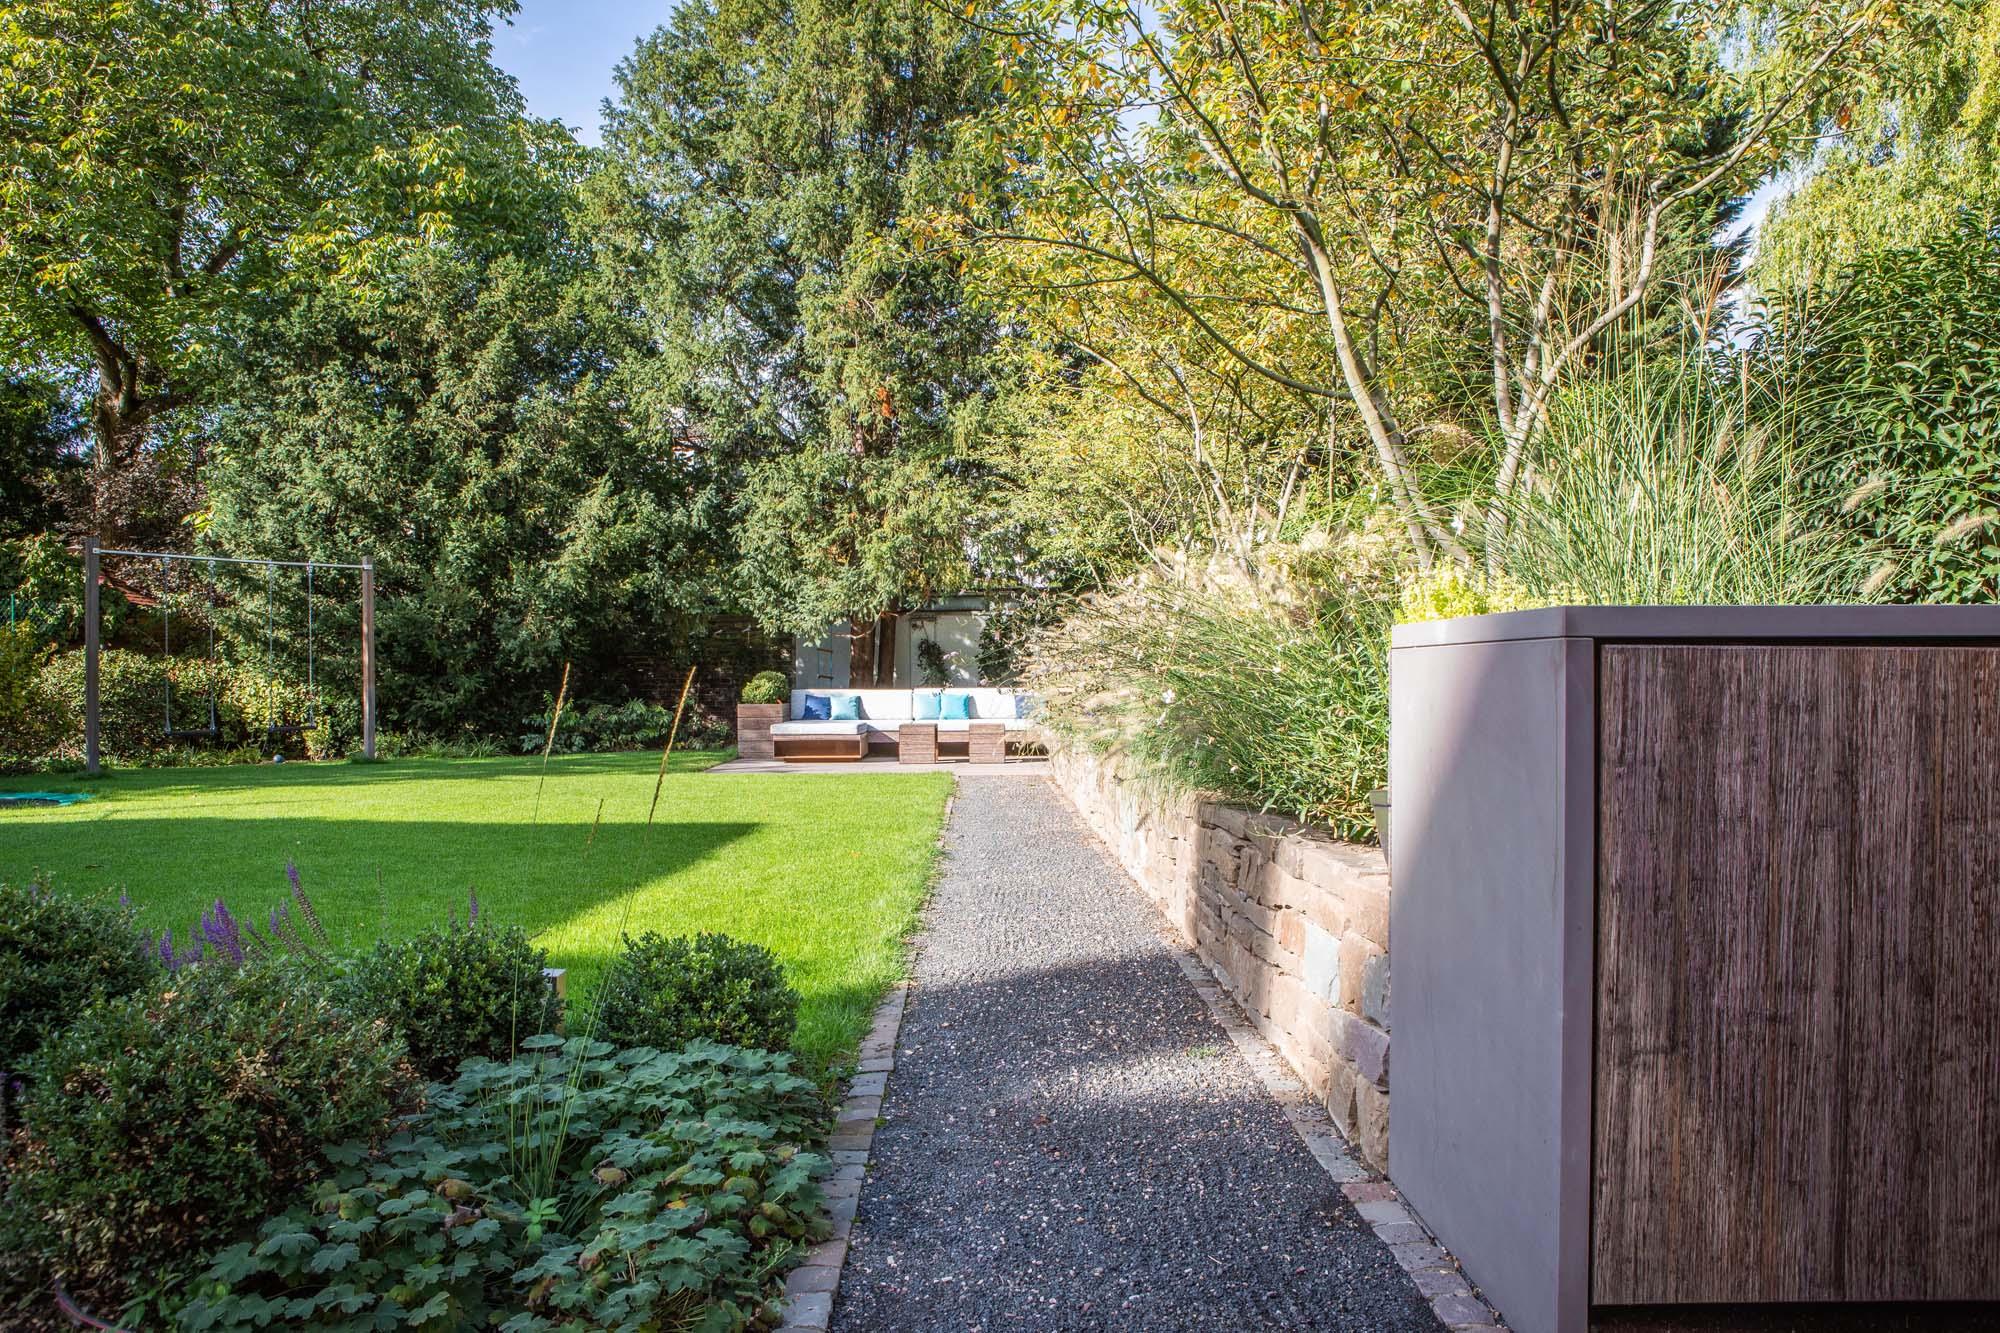 Schöner Familiengarten mit Natursteinmauer und Mediterraner Bepflanzung